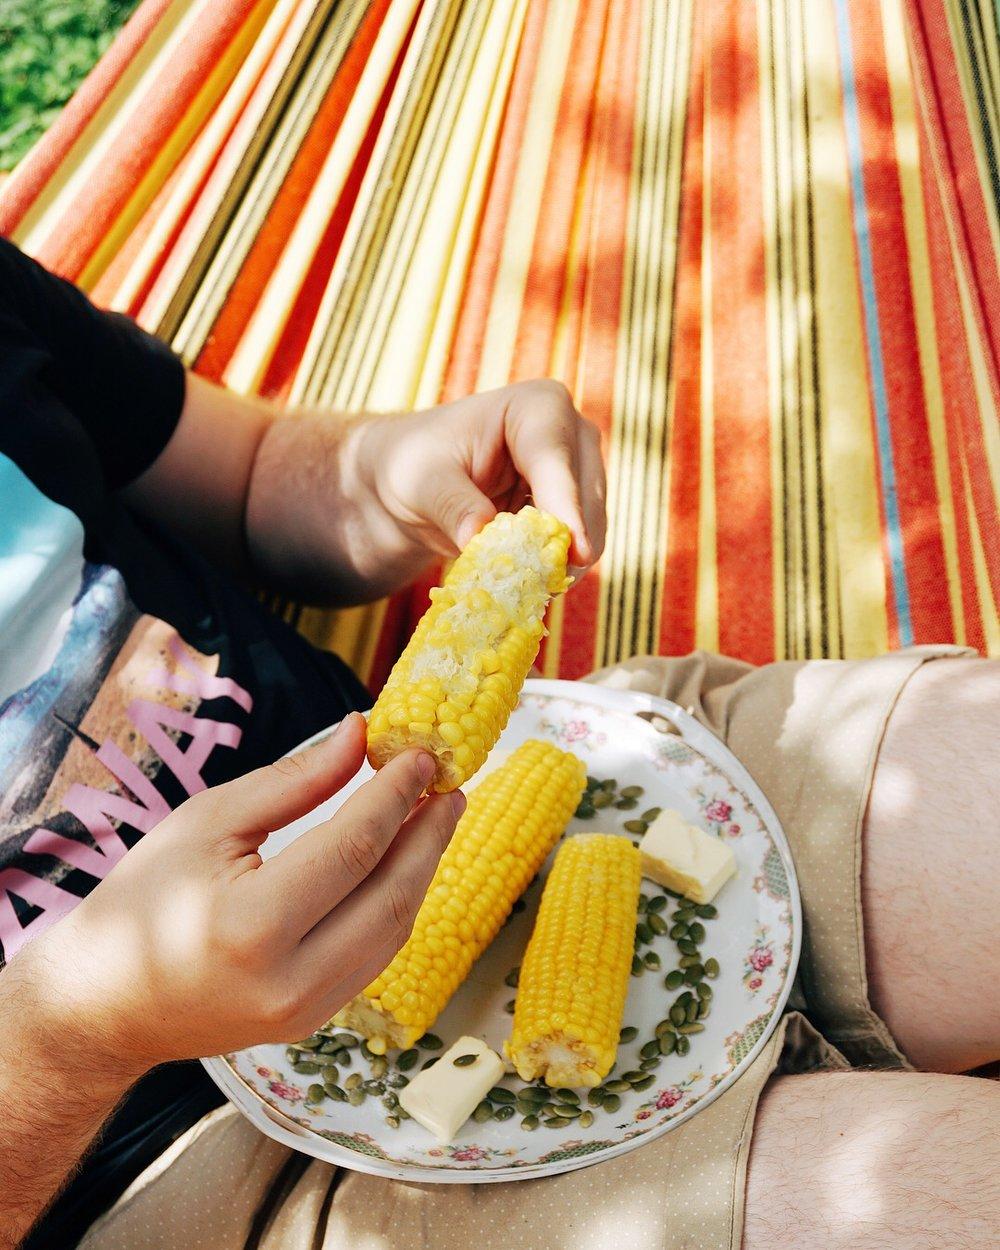 kukurūzas vālītes ar sviestu - tavas acis tik zaļas kā kukurūza, tavas plaukstas tik mazas kā kukurūza, tik stingrās formās kā Kārlim Krūzam, ap tavu māju aug kukurūza 🌽 kā pagatavot kukurūzas vālītes? pavisam vienkārši!